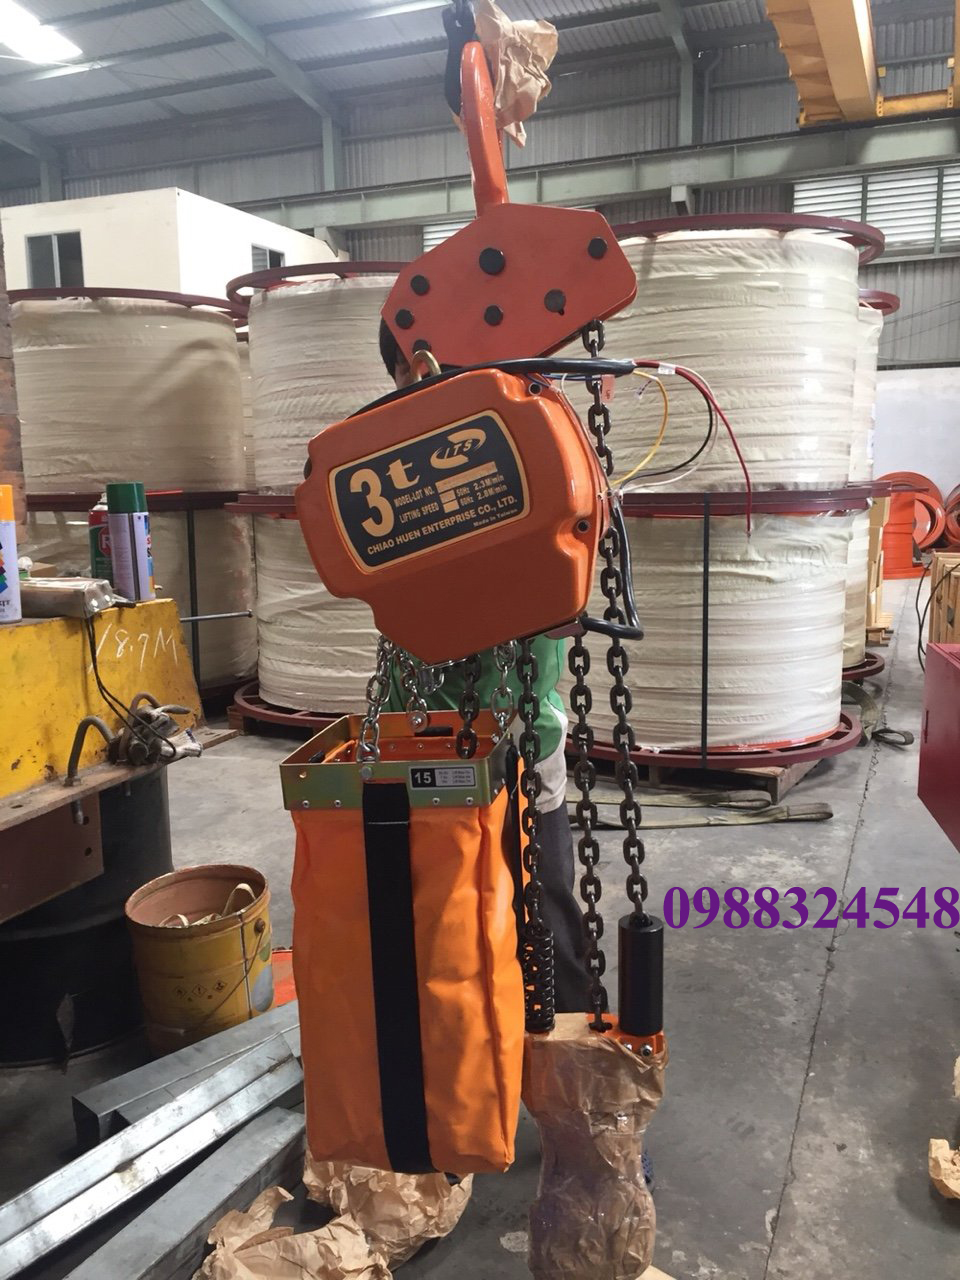 Pa lăng điện xích ITS CH-030L 3 tấn